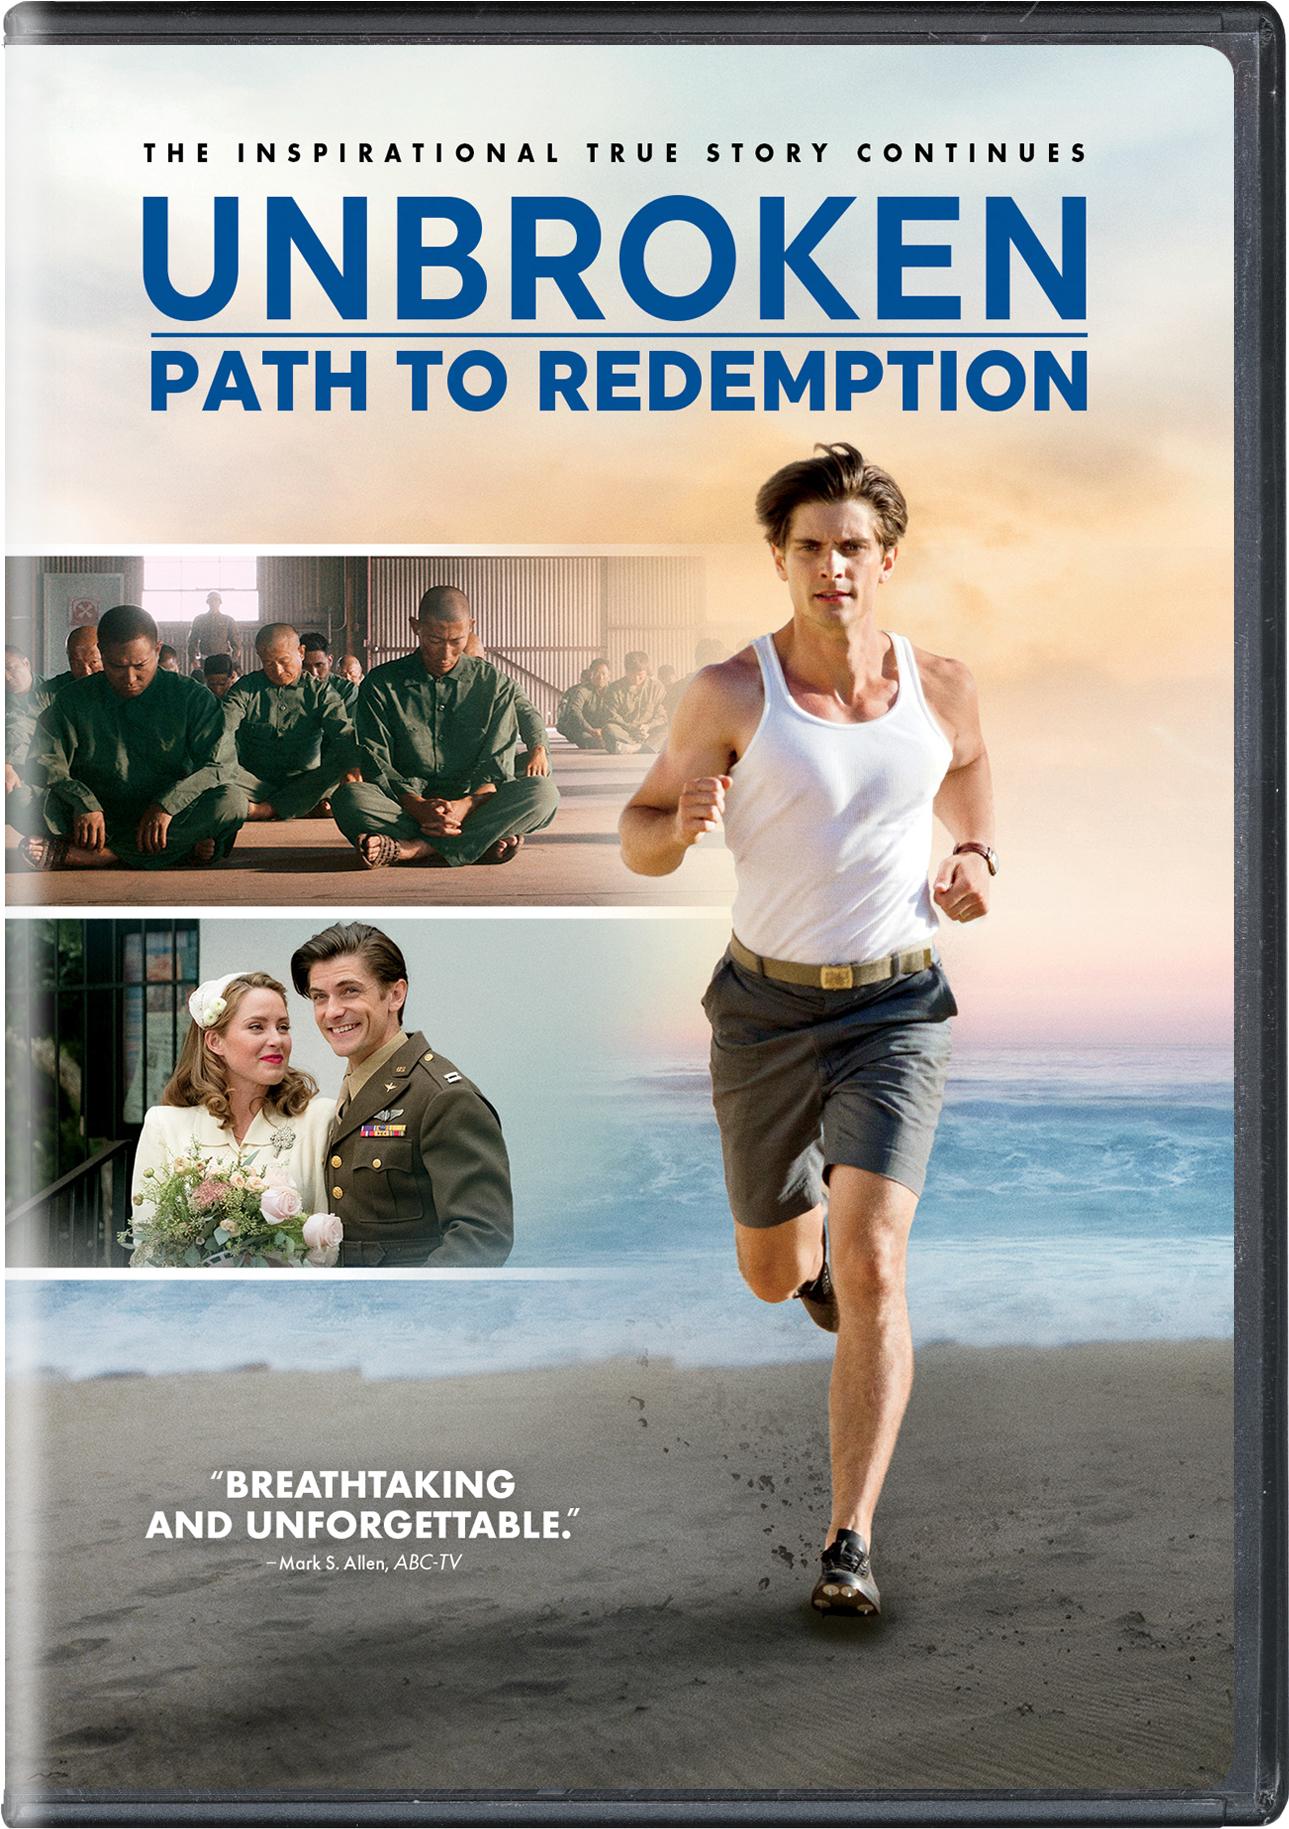 Unbroken - Path to Redemption [DVD]